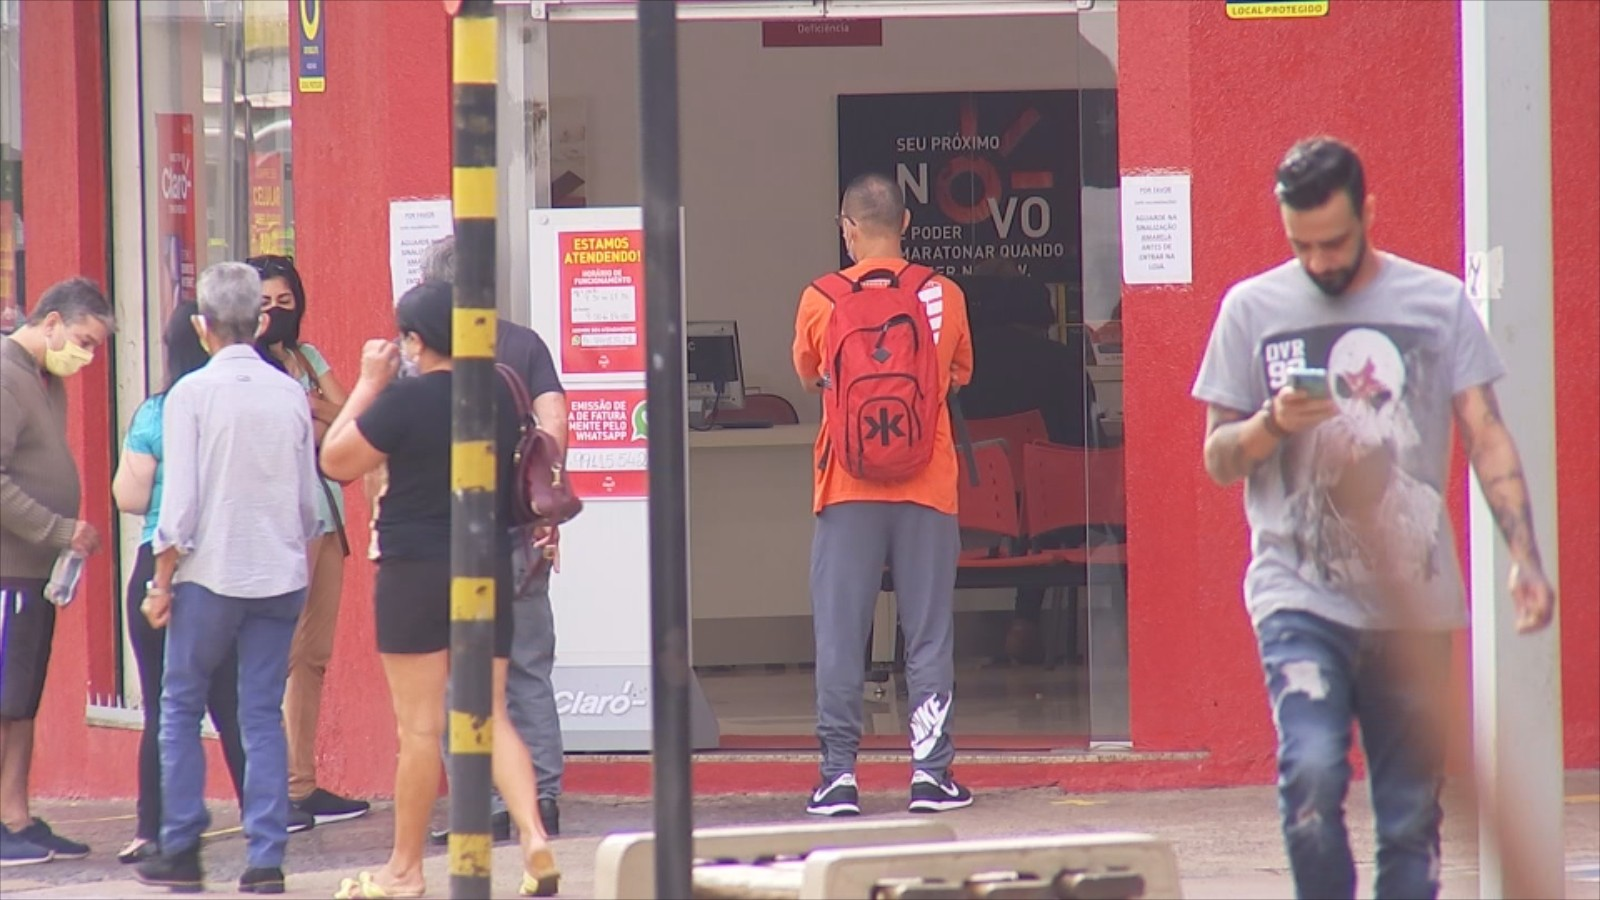 Lojas começam a funcionar em horário especial a partir deste sábado em Rio Preto